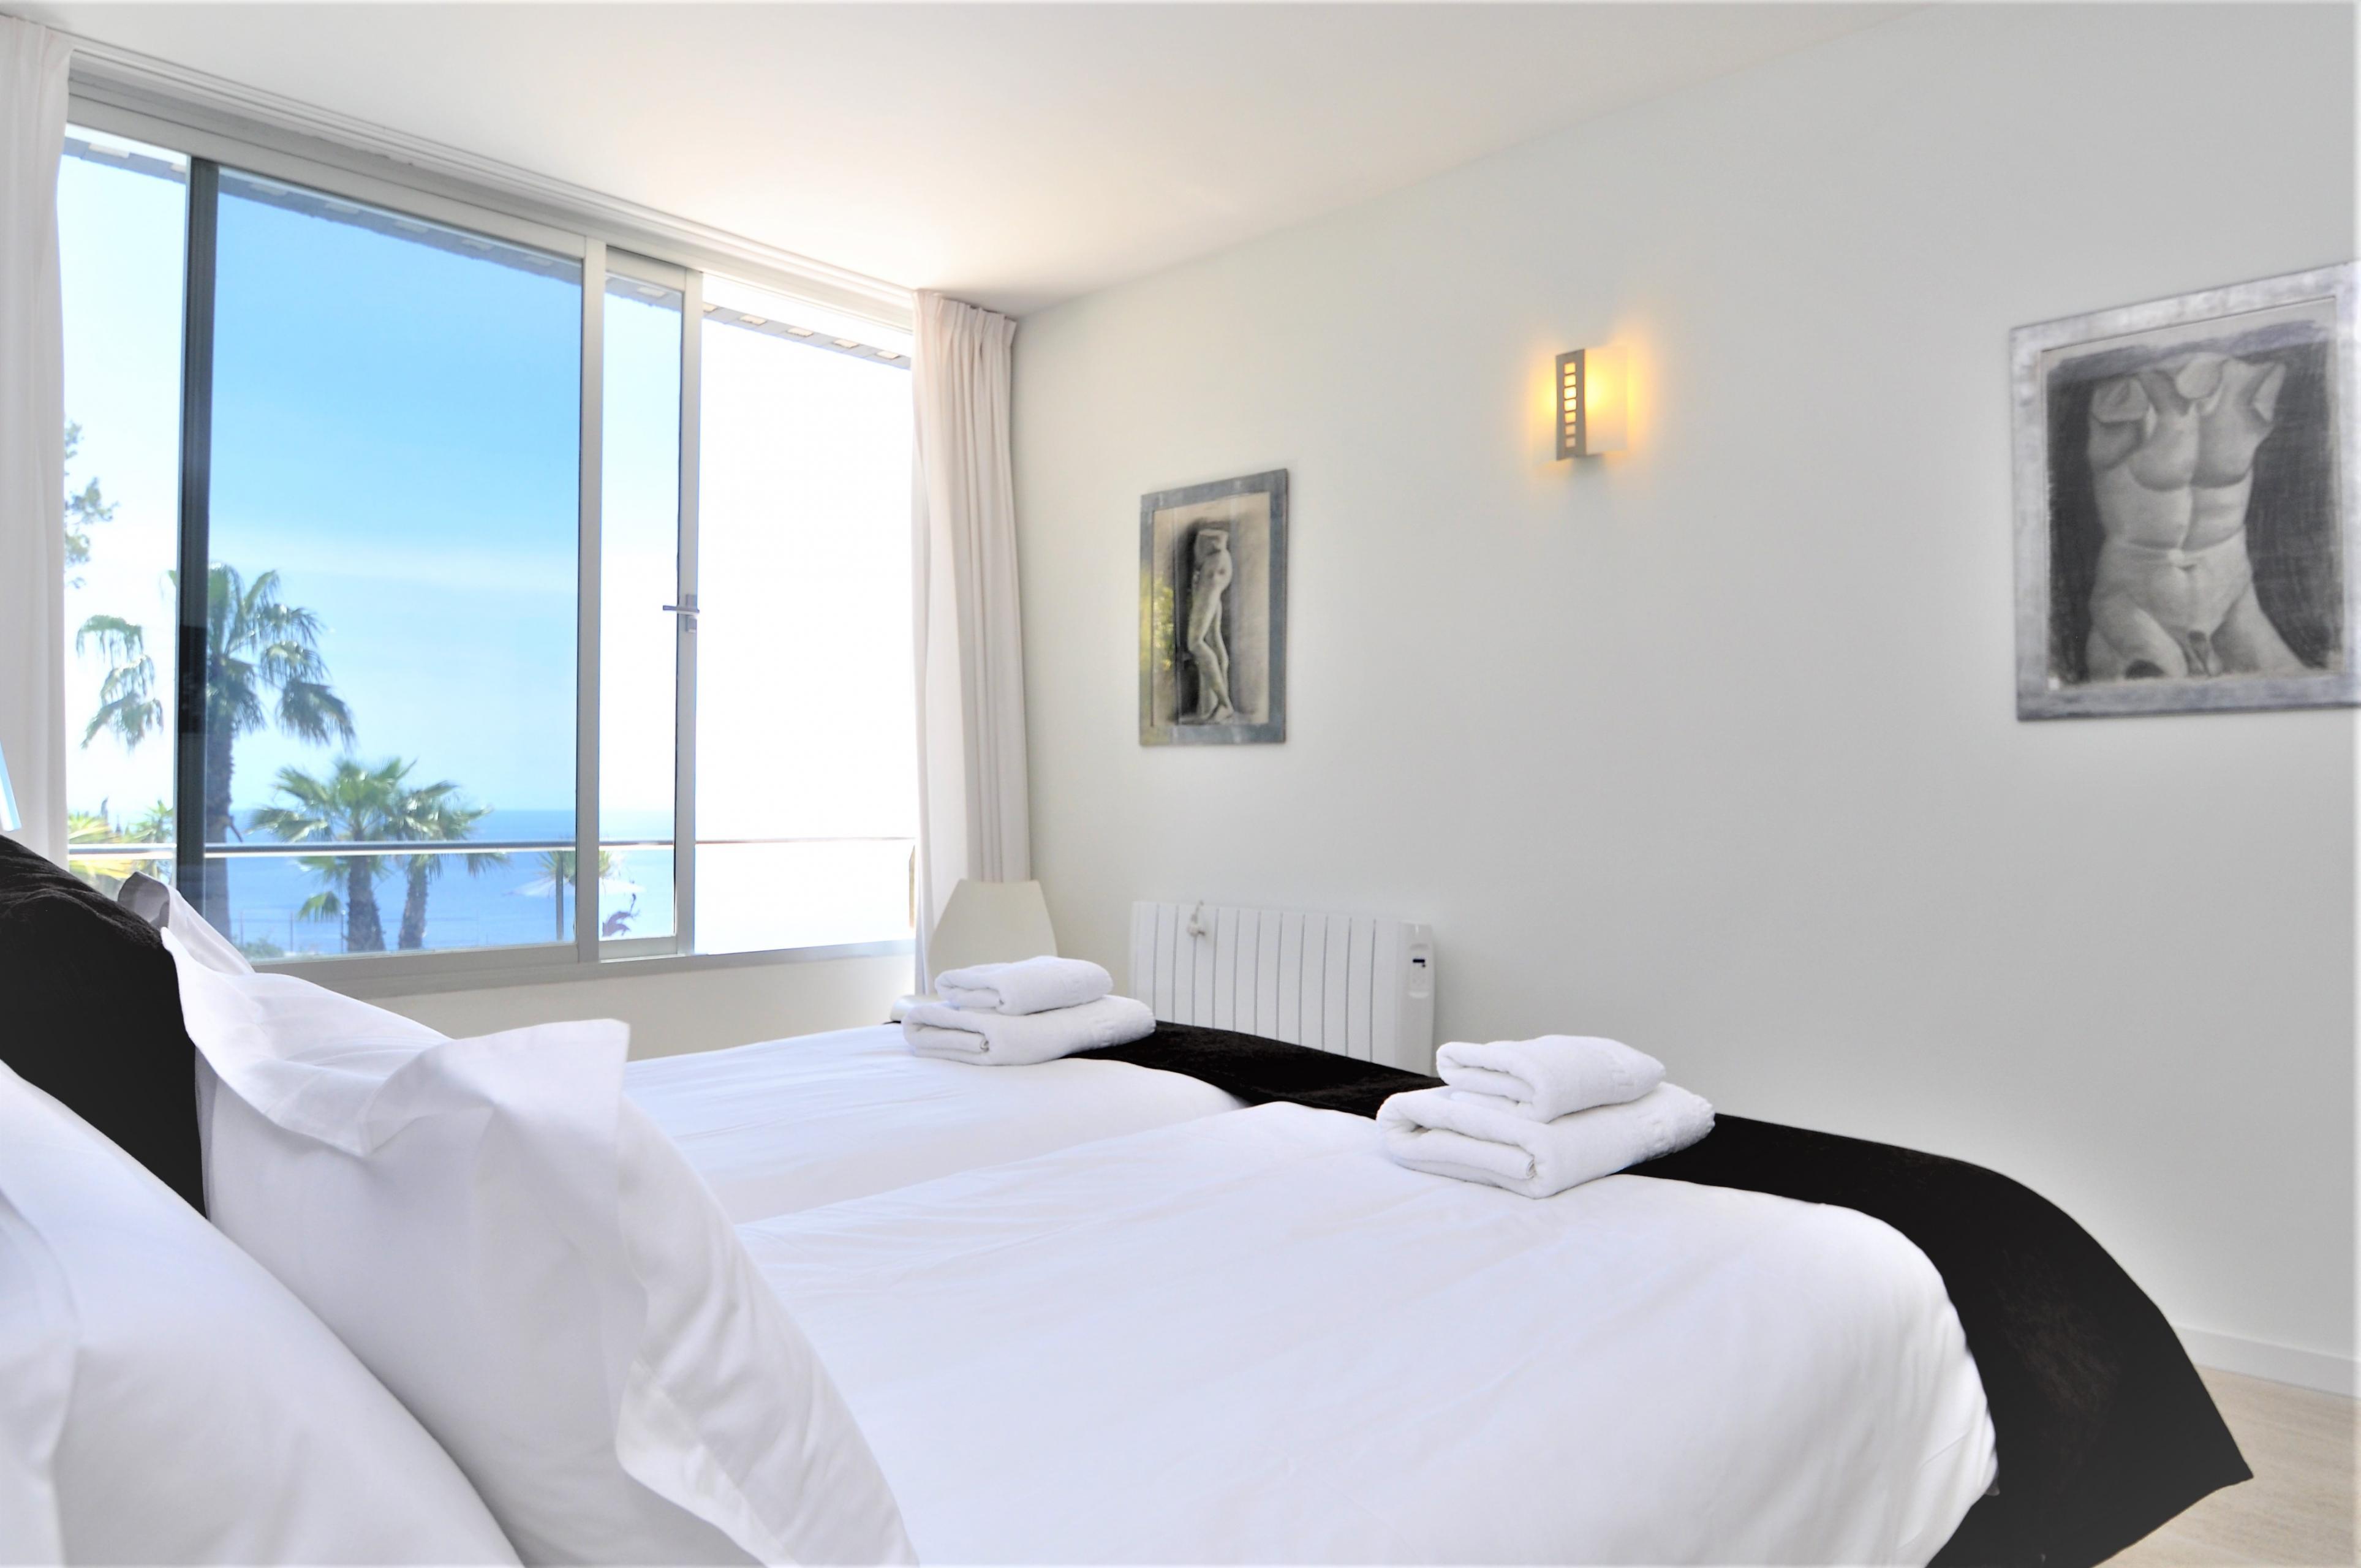 Maison de vacances VILLA BAY BLUE- Bahia Azul- Mallorca - VILLAONLINE - Kostenloses WLAN (2684052), Bahia Azul, Majorque, Iles Baléares, Espagne, image 49